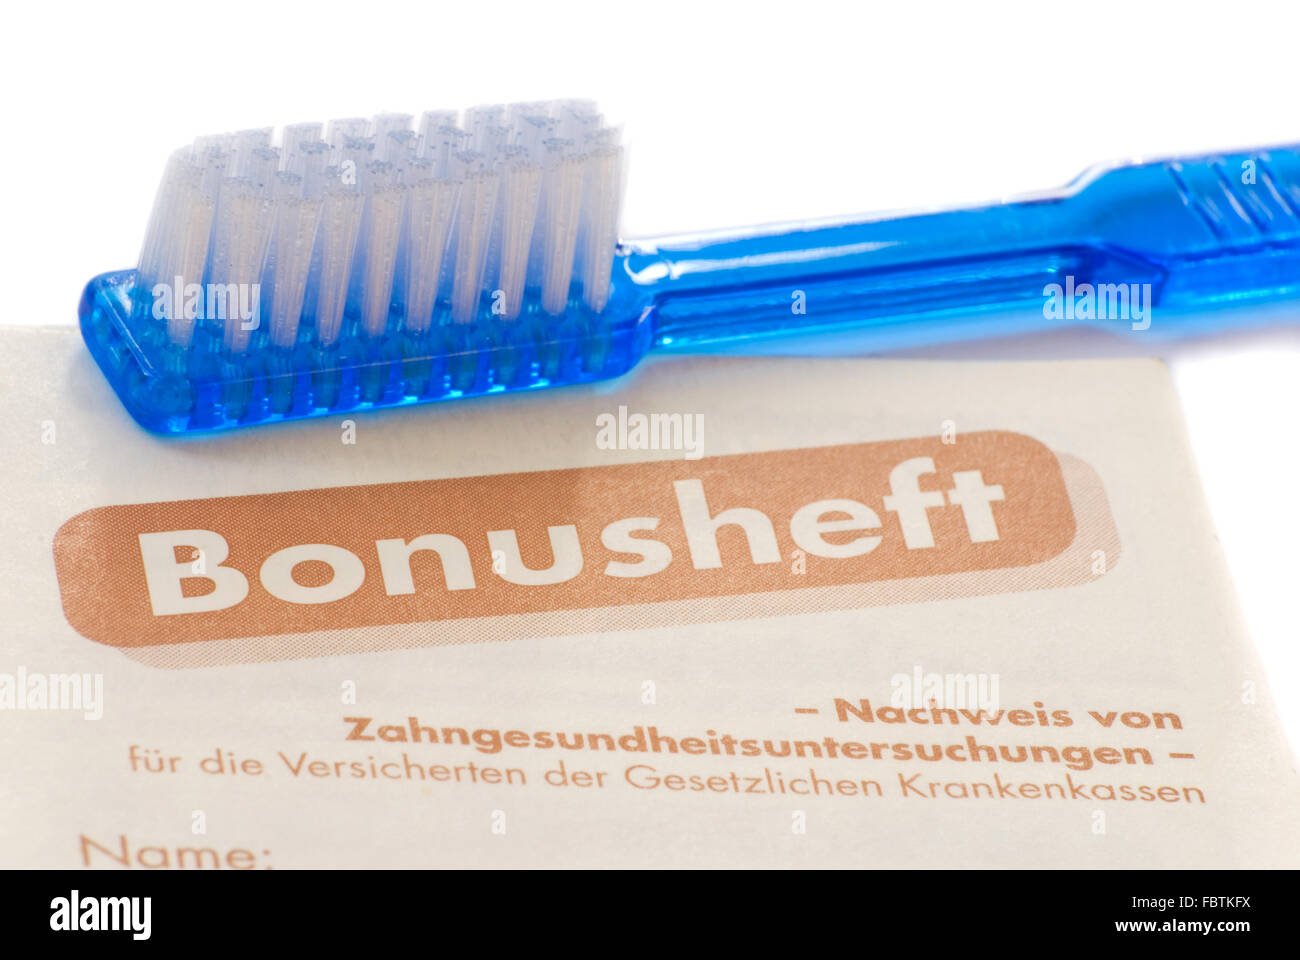 bousheft toothbrush Stock Photo